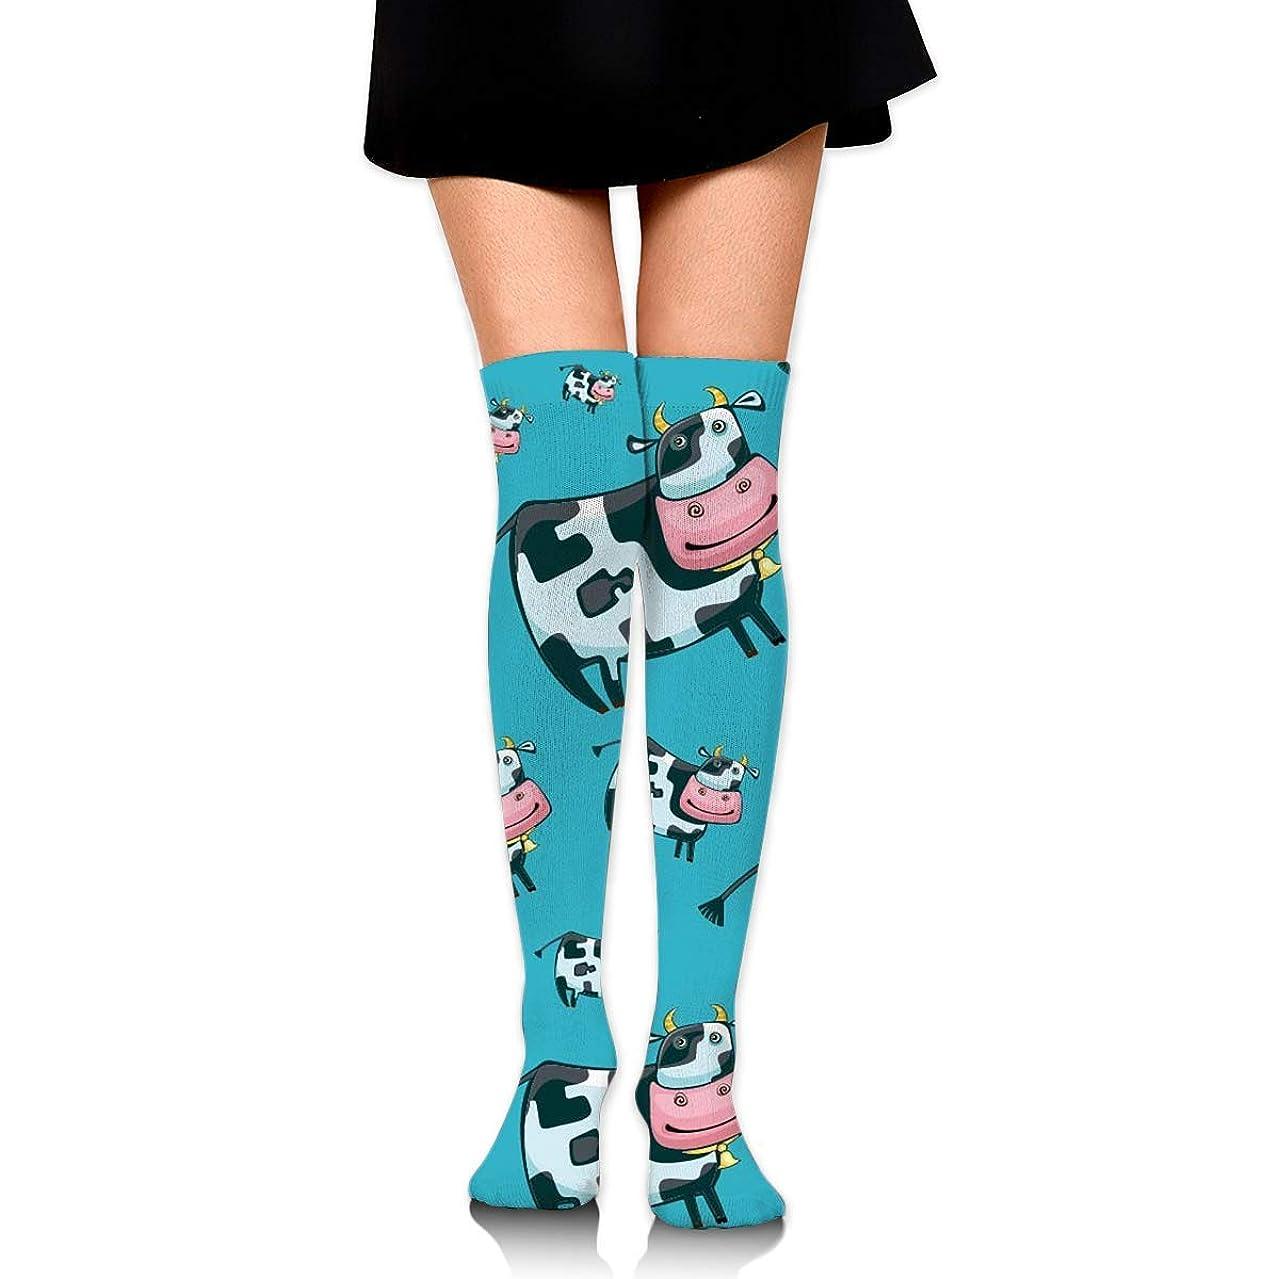 麻痺させる休憩家主MKLOS 通気性 圧縮ソックス Breathable Thigh High Socks Over Exotic Psychedelic Print Compression High Tube Thigh Boot Stockings Knee High Pink Flamingos On Blue Background Stockings Women Girl